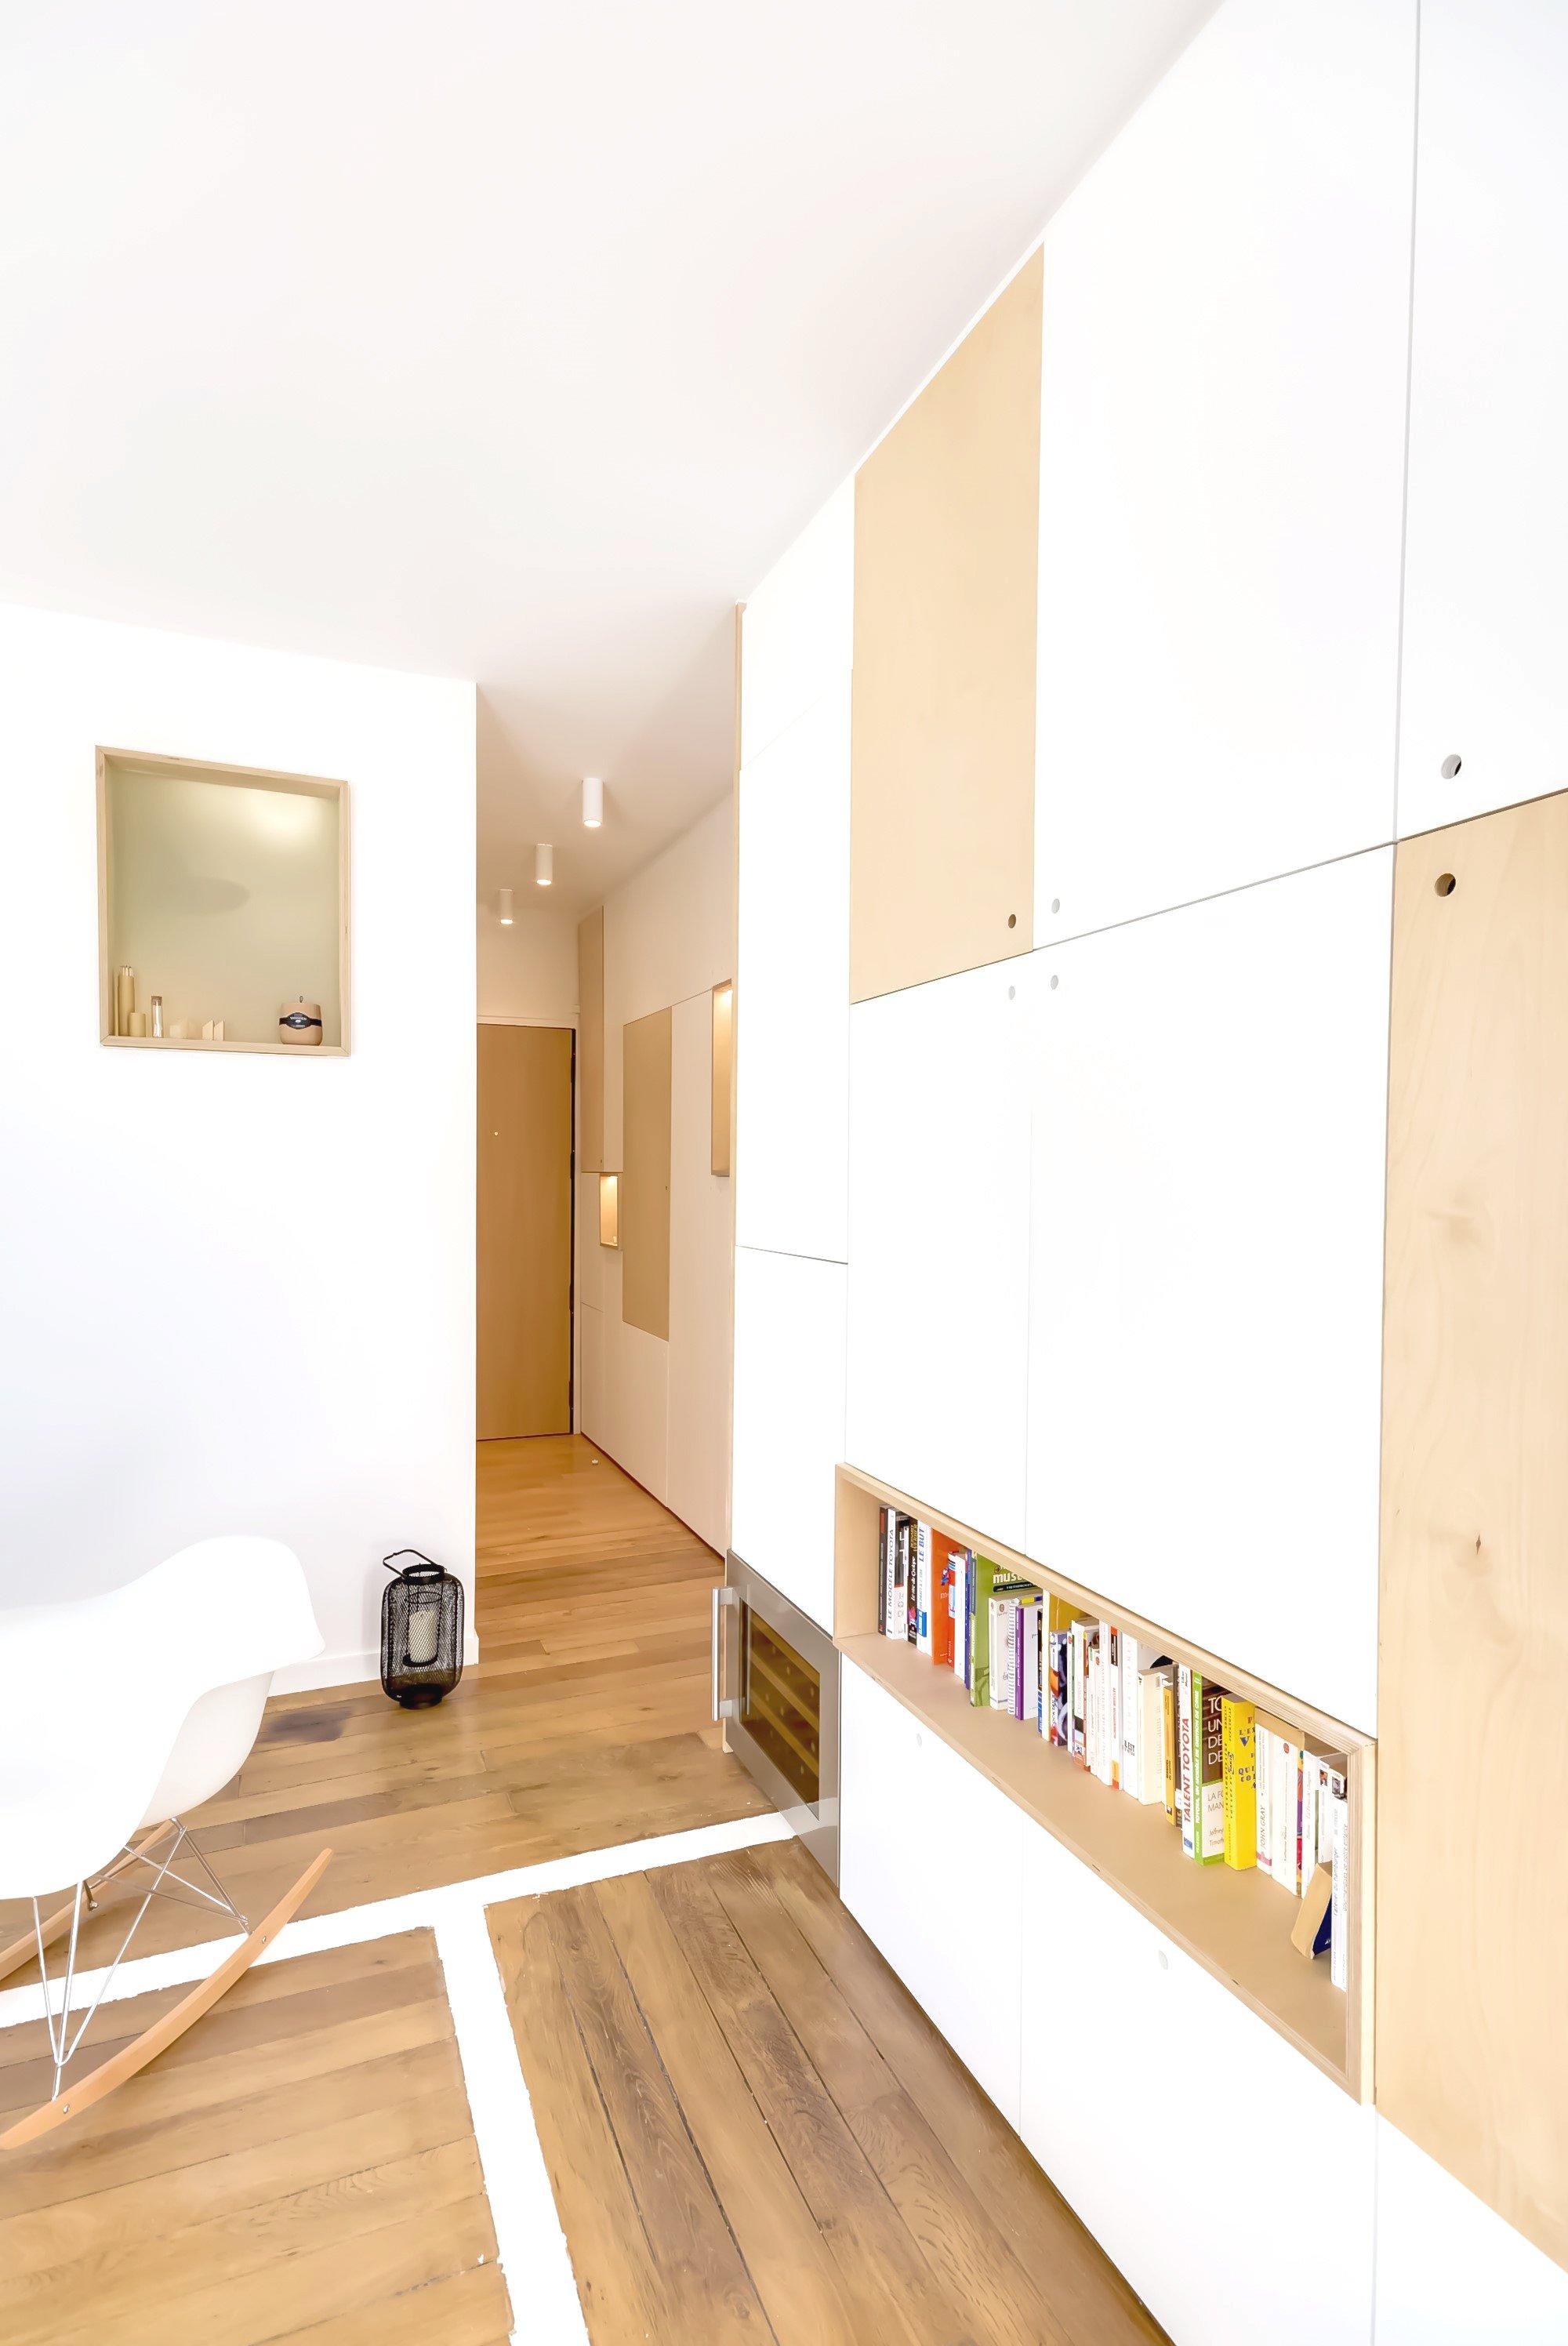 30m2 apartment in paris 5 30m2 Apartment in Paris